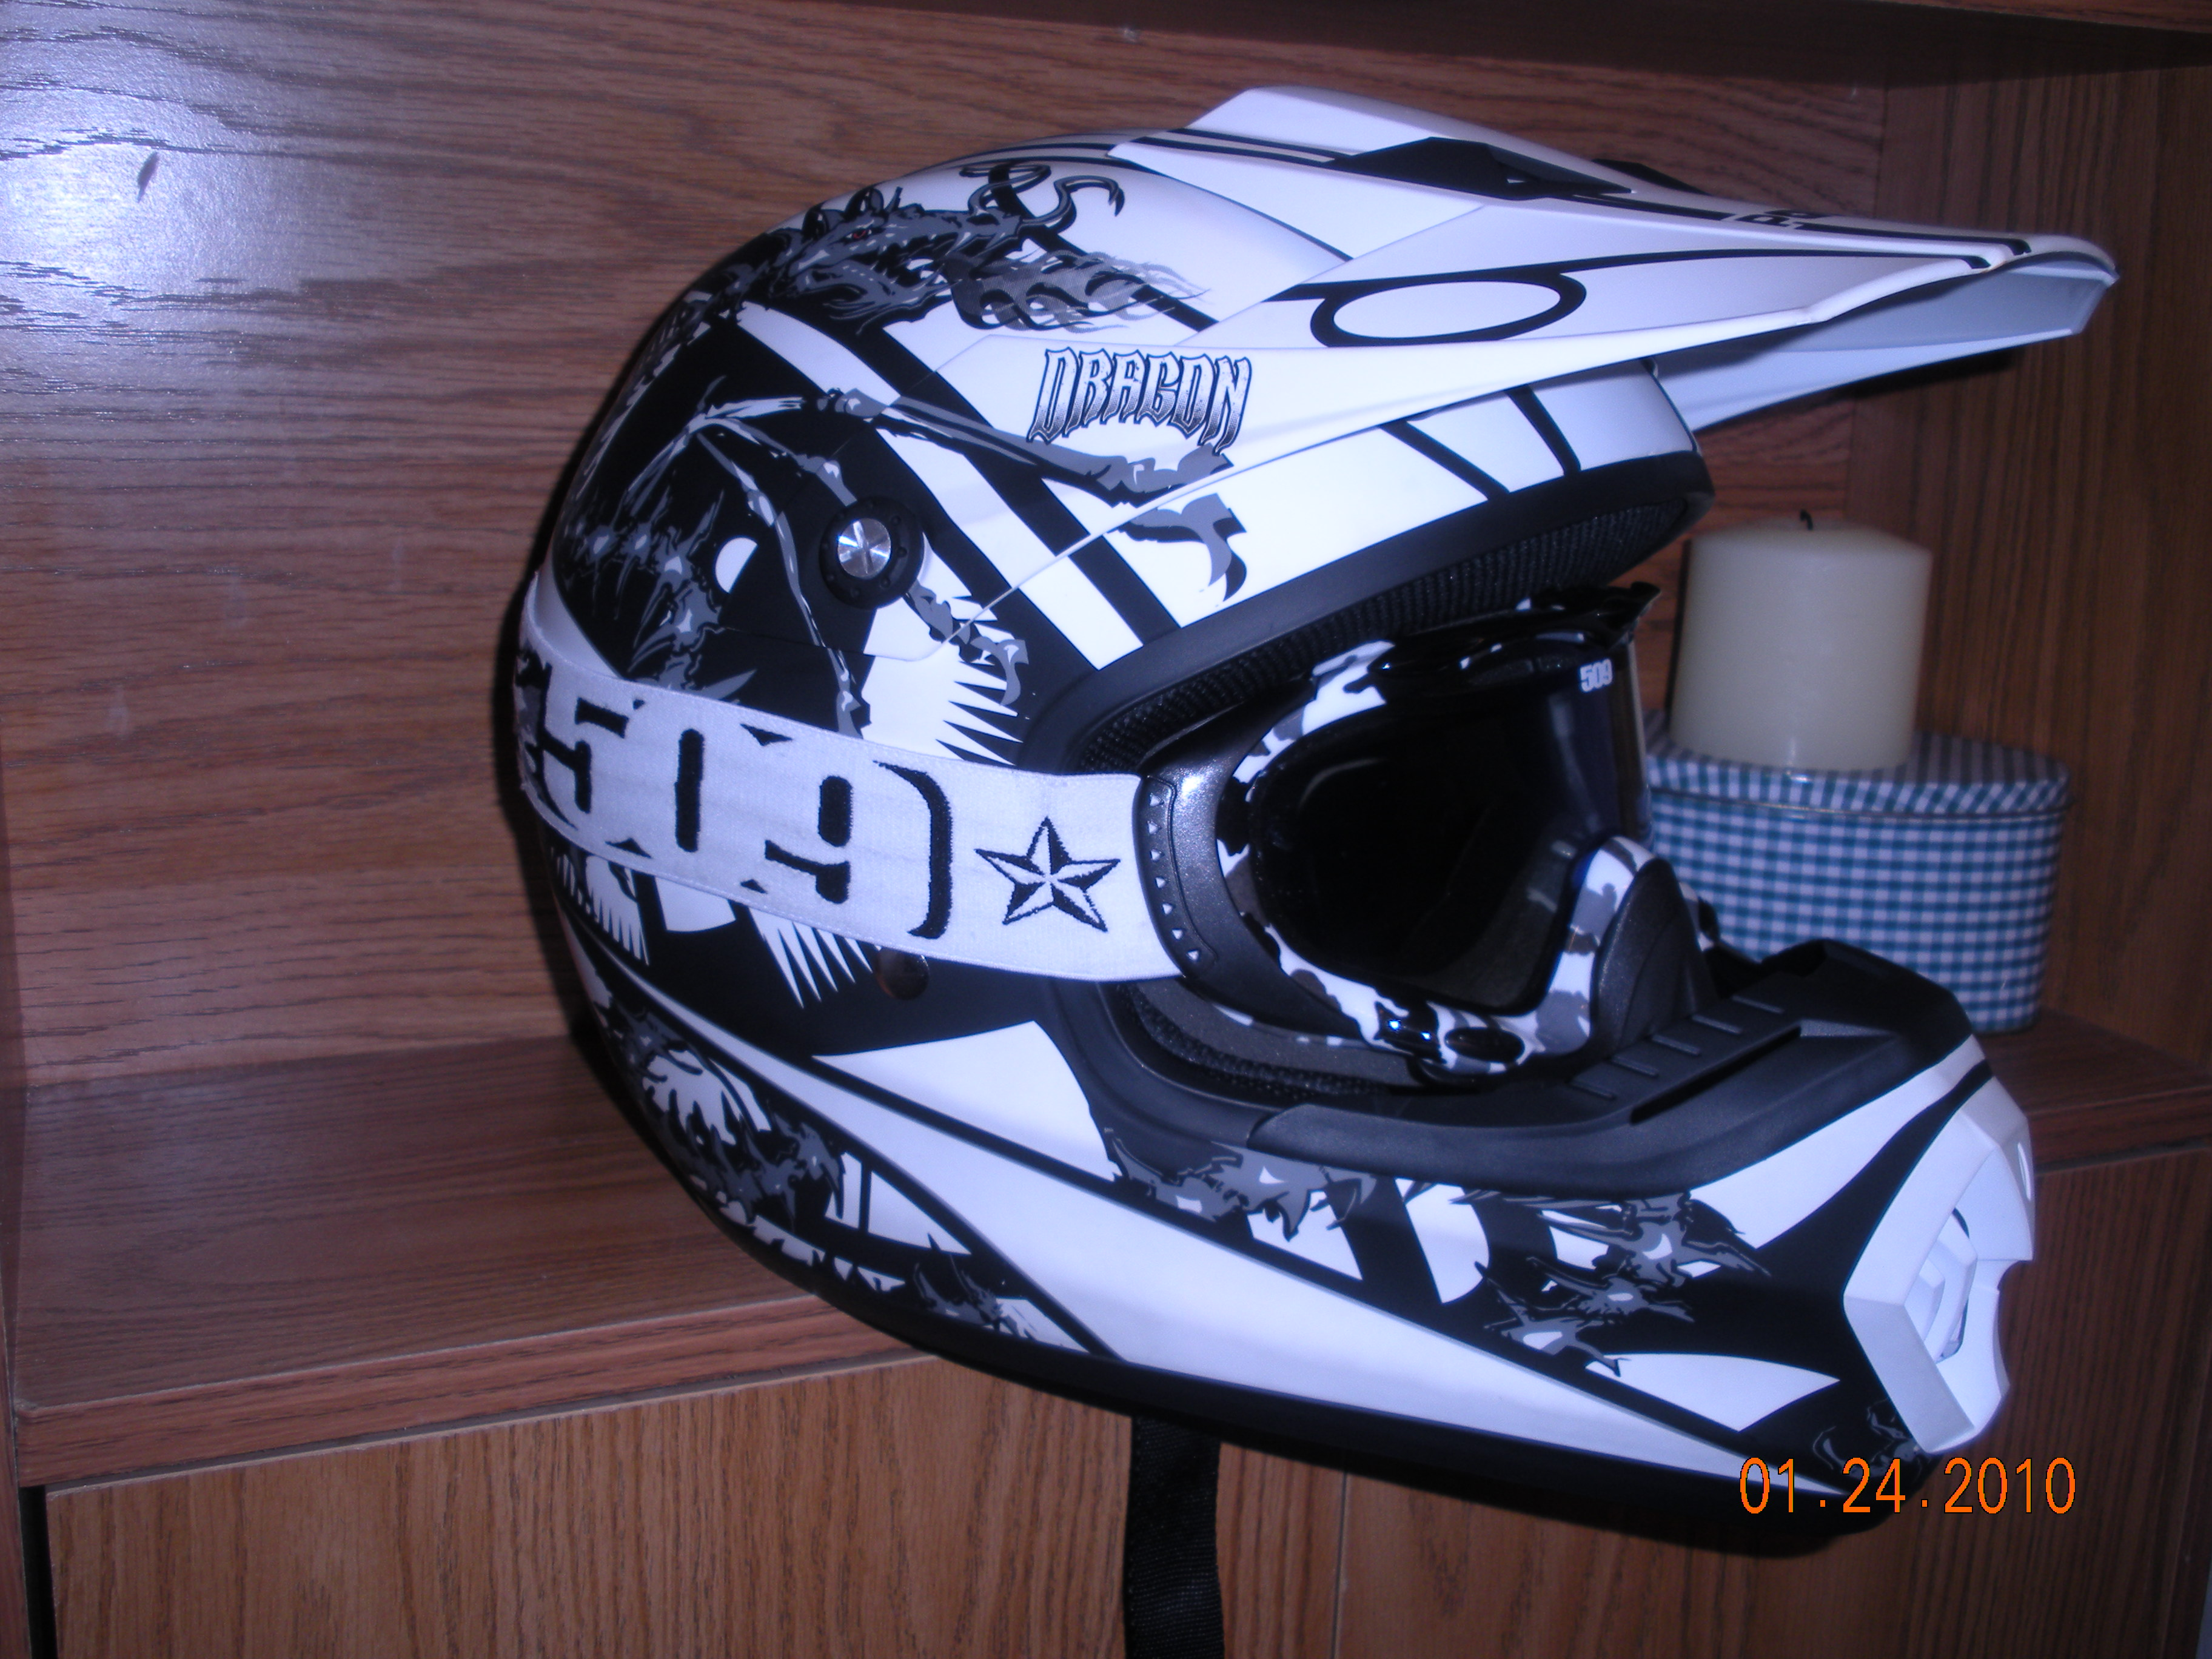 Sno Cross Helmets Vs Regular